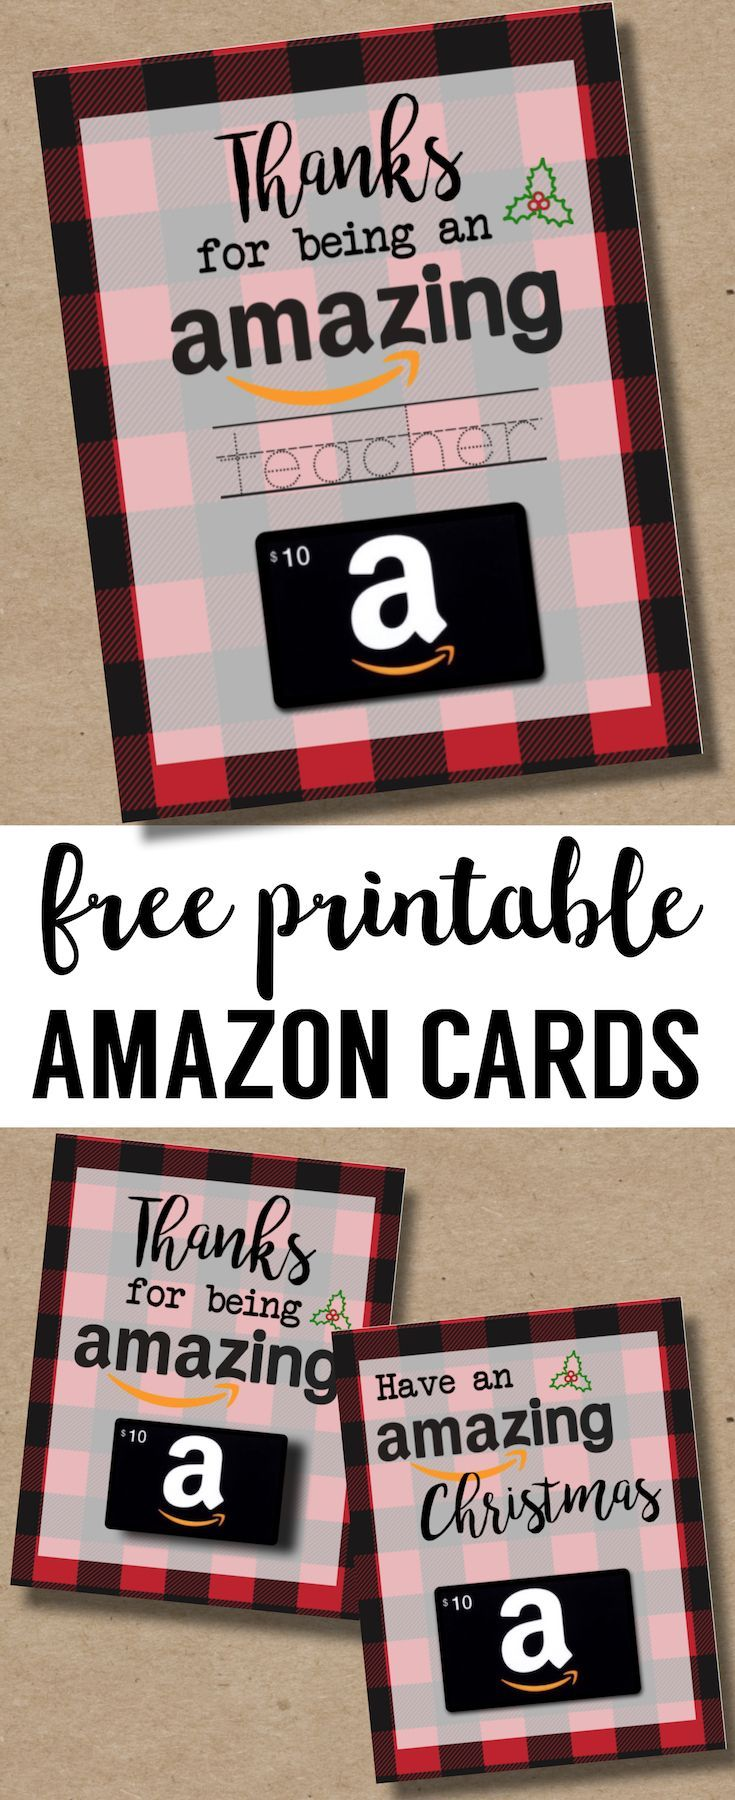 Printable Christmas Gift Card Holders For Amazon Print Free Printable Buffalo Plaid Flan Printable Christmas Gift Card Amazon Gift Card Free Teacher Gift Card